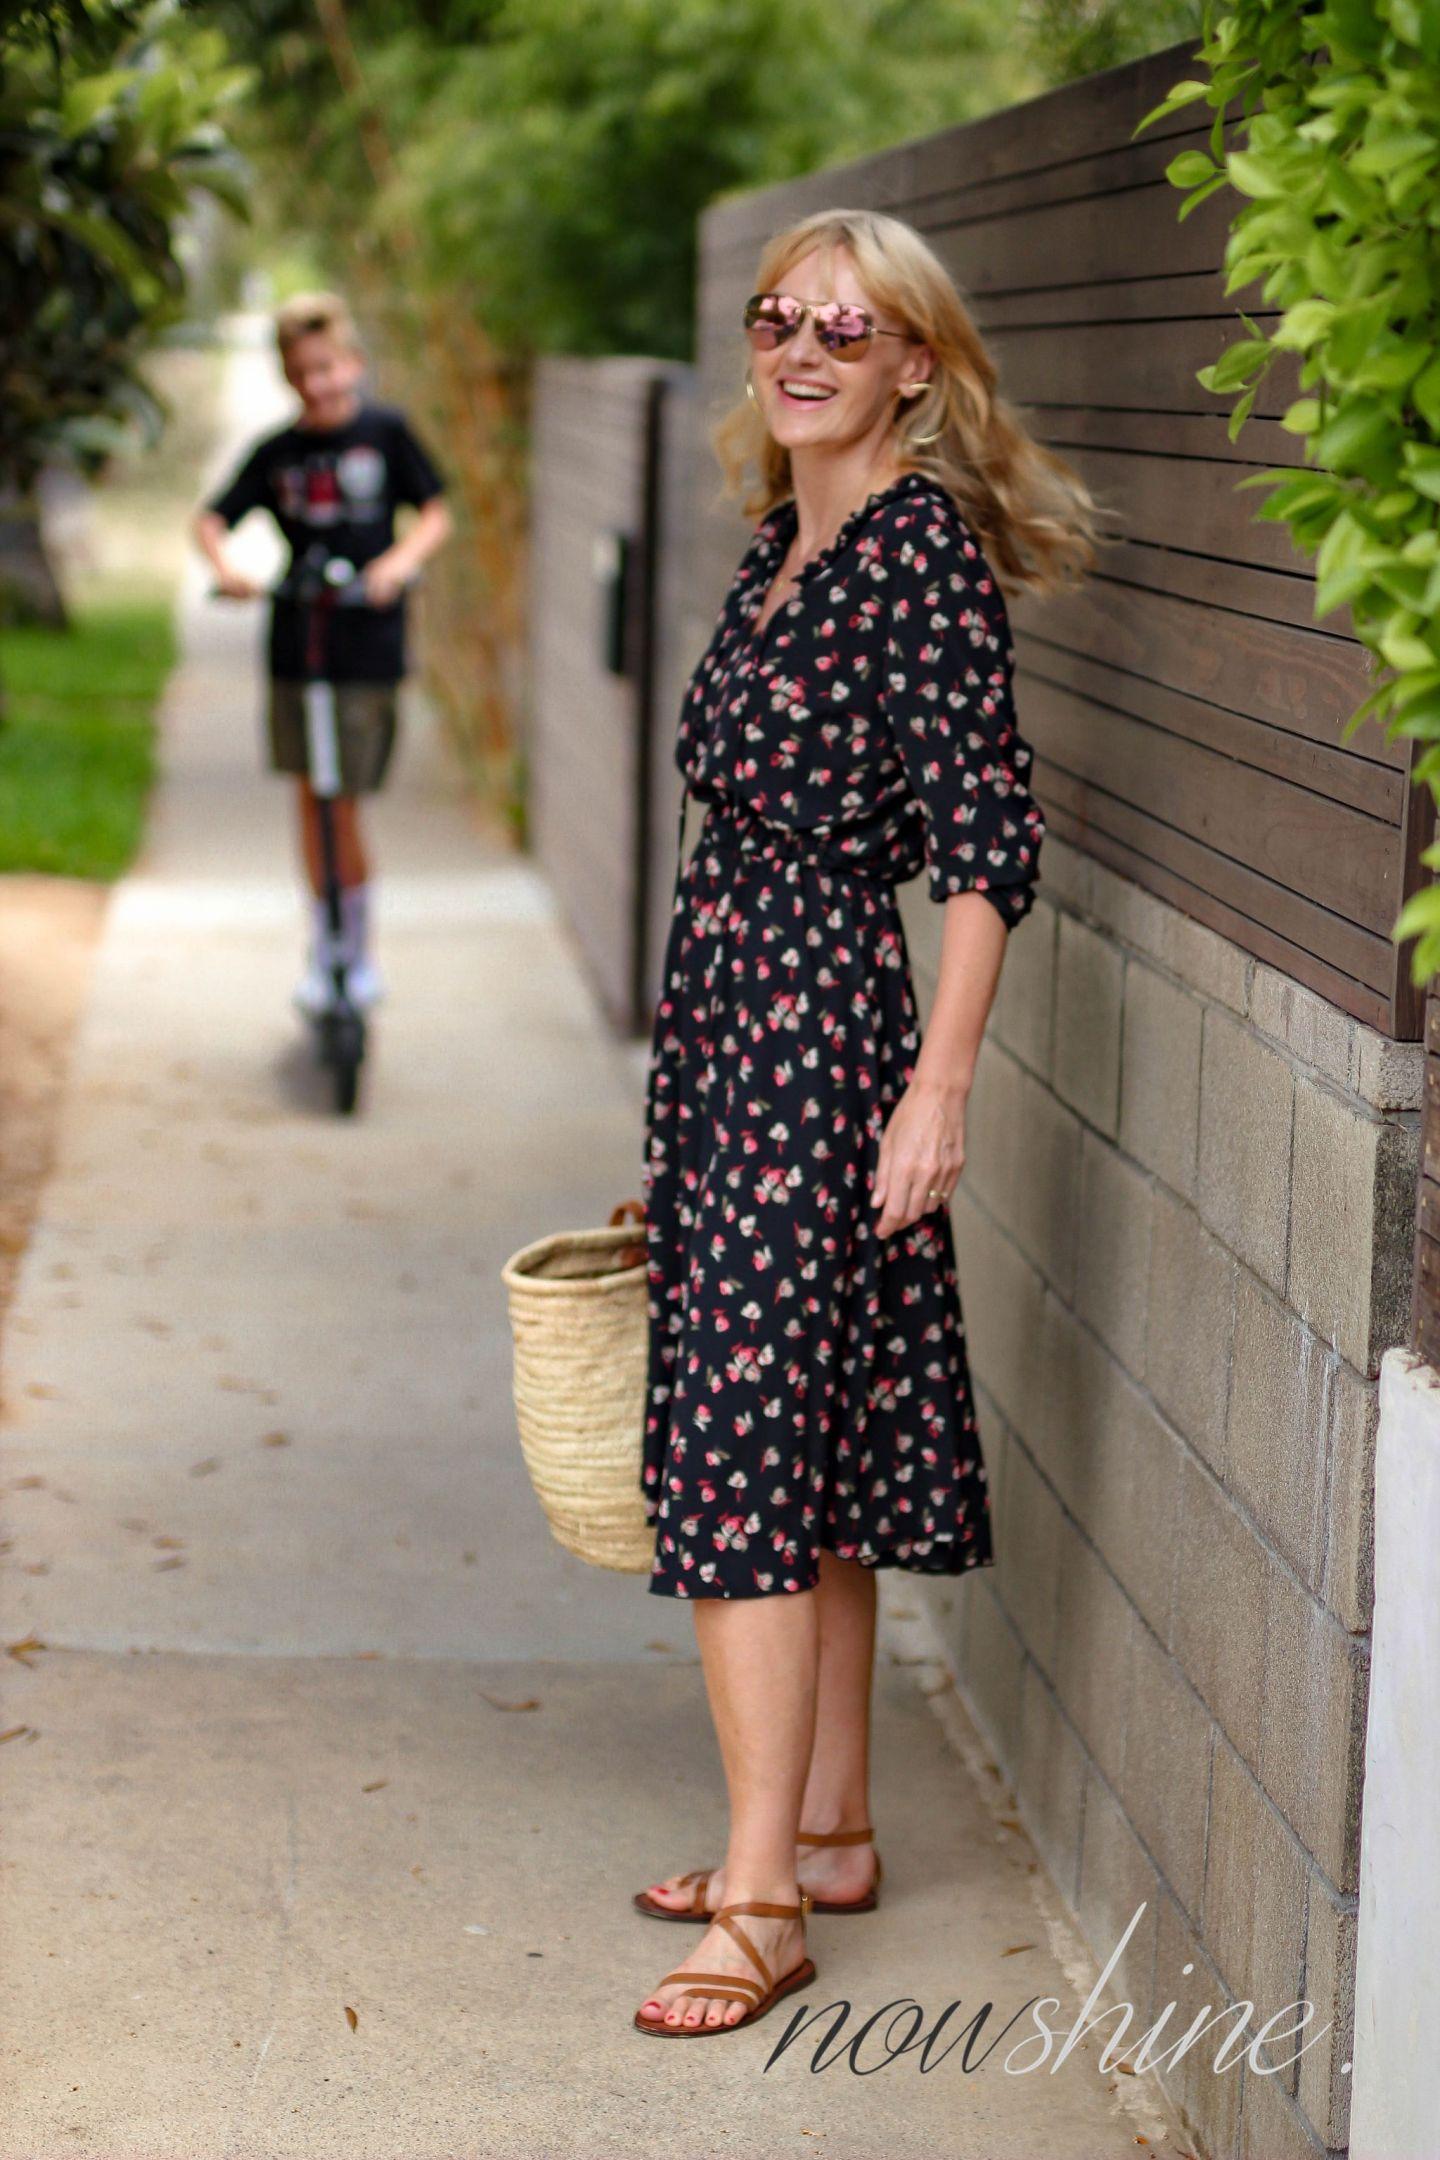 Aus dem WENZ Katalog - Kleid mit Blumen in Venice, Los Angeles, Kalifornien - Bird Scooter - Nowshine ü 40 Reiseblog